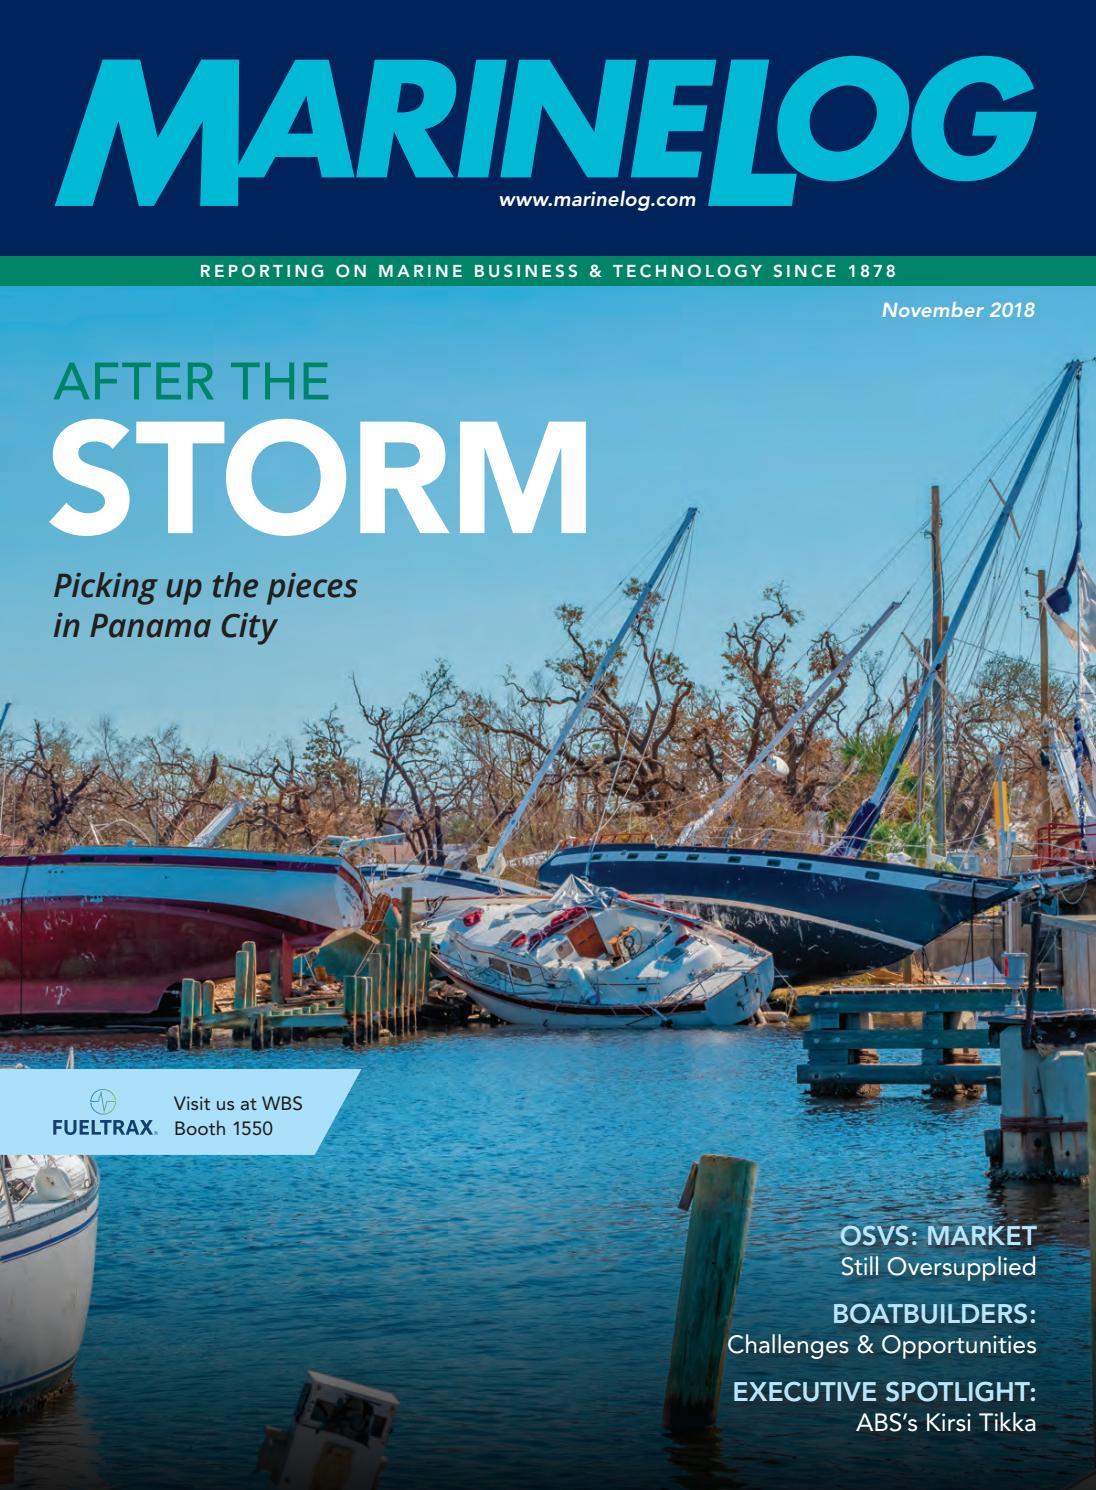 Marine Log November 2018 by Marine Log - issuu